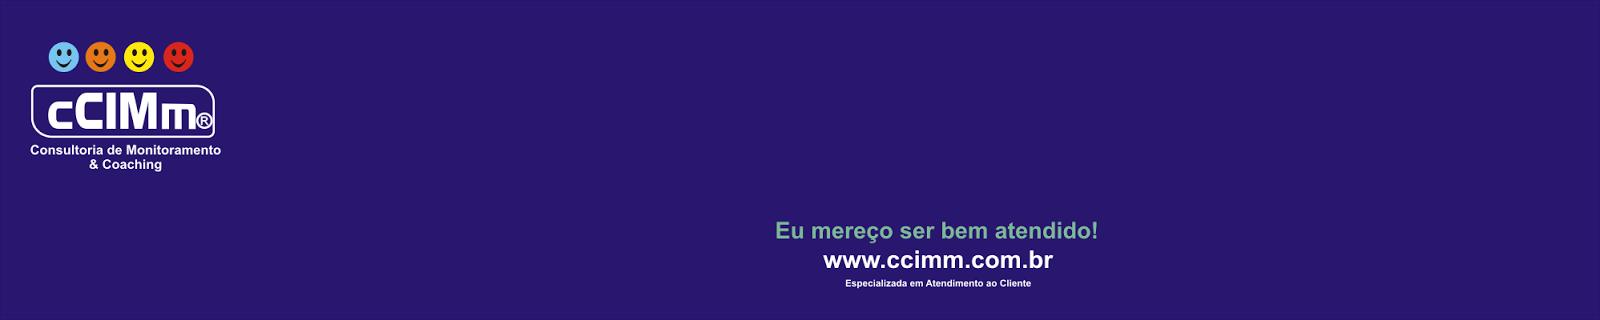 cCIMm Consultoria de Monitoramento do atendimento e Coaching